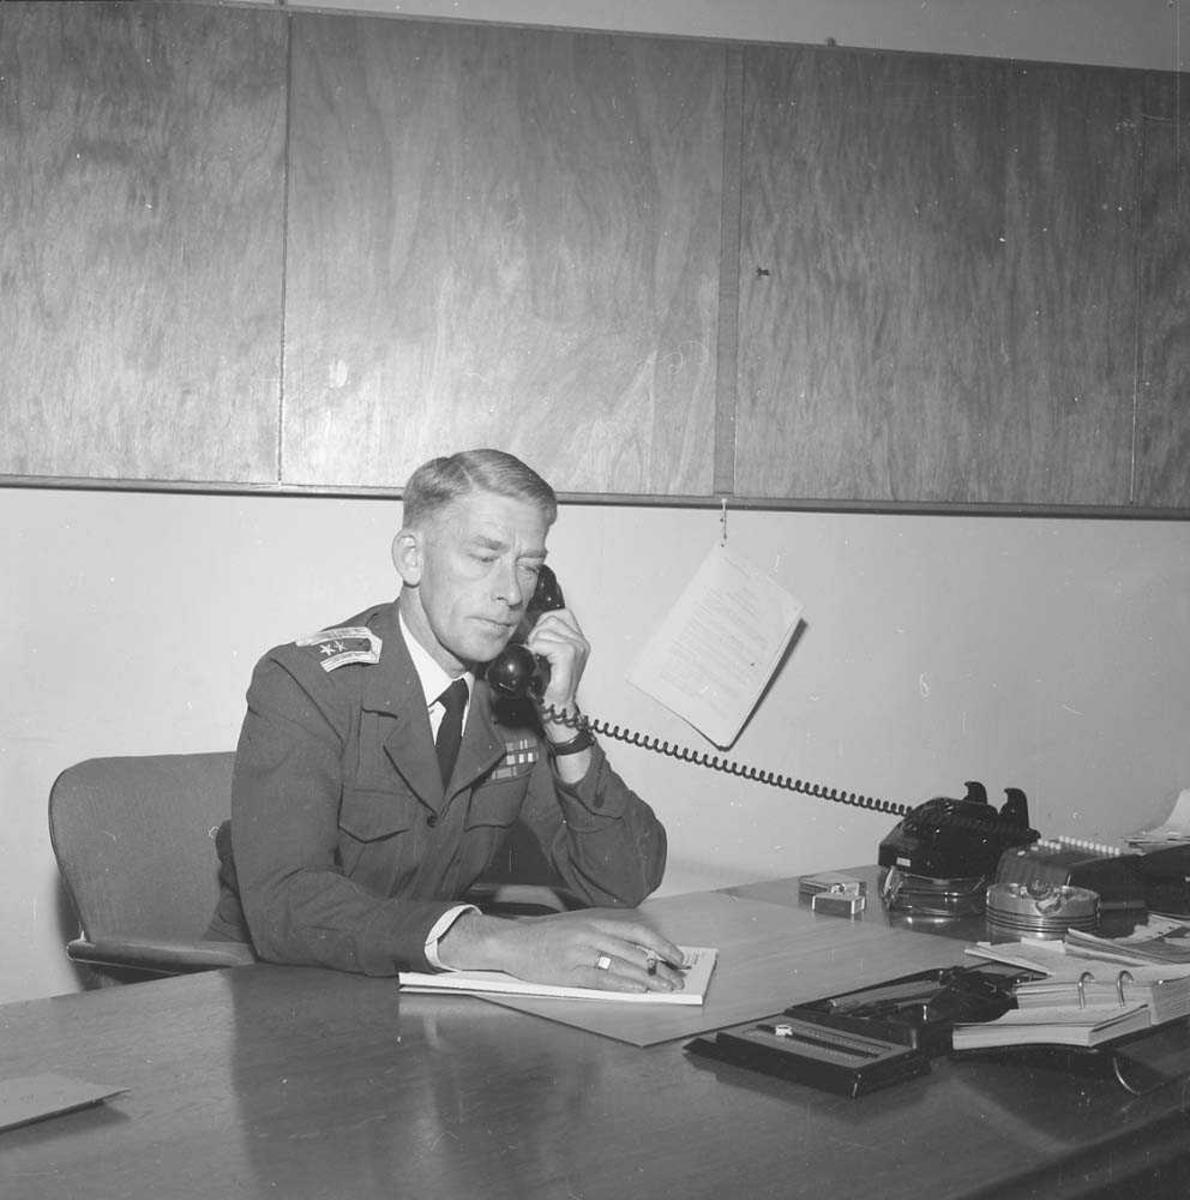 Oberstløytnant Rolf Jønsberg ved sitt skrivebord.